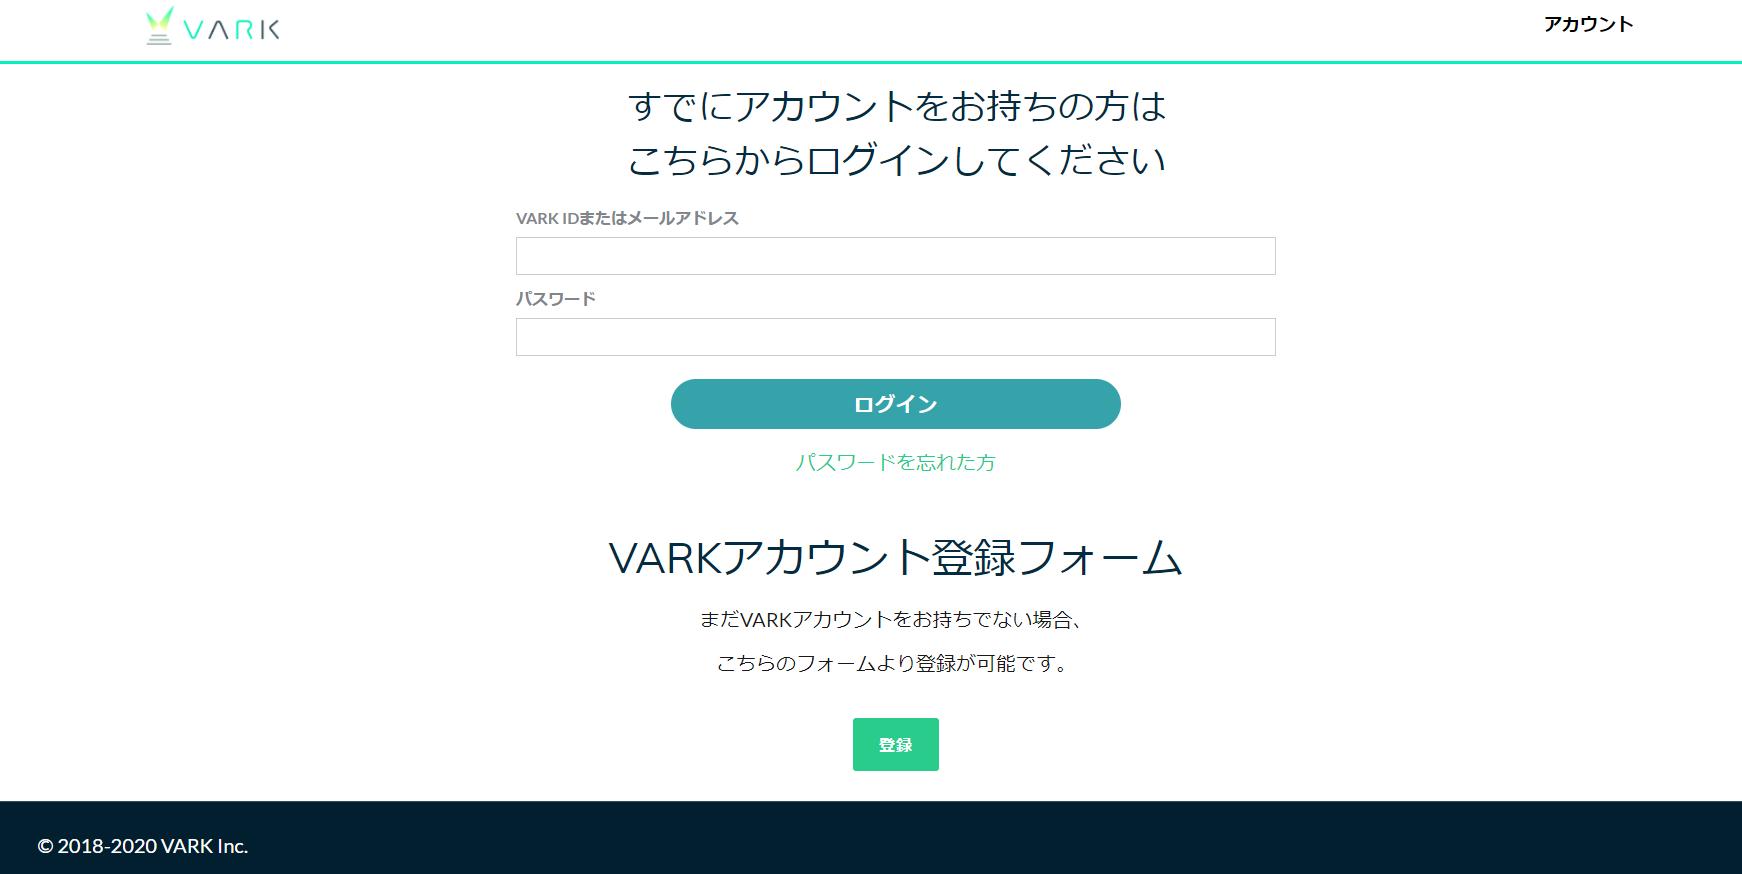 【VARK】のアカウントを作ろう